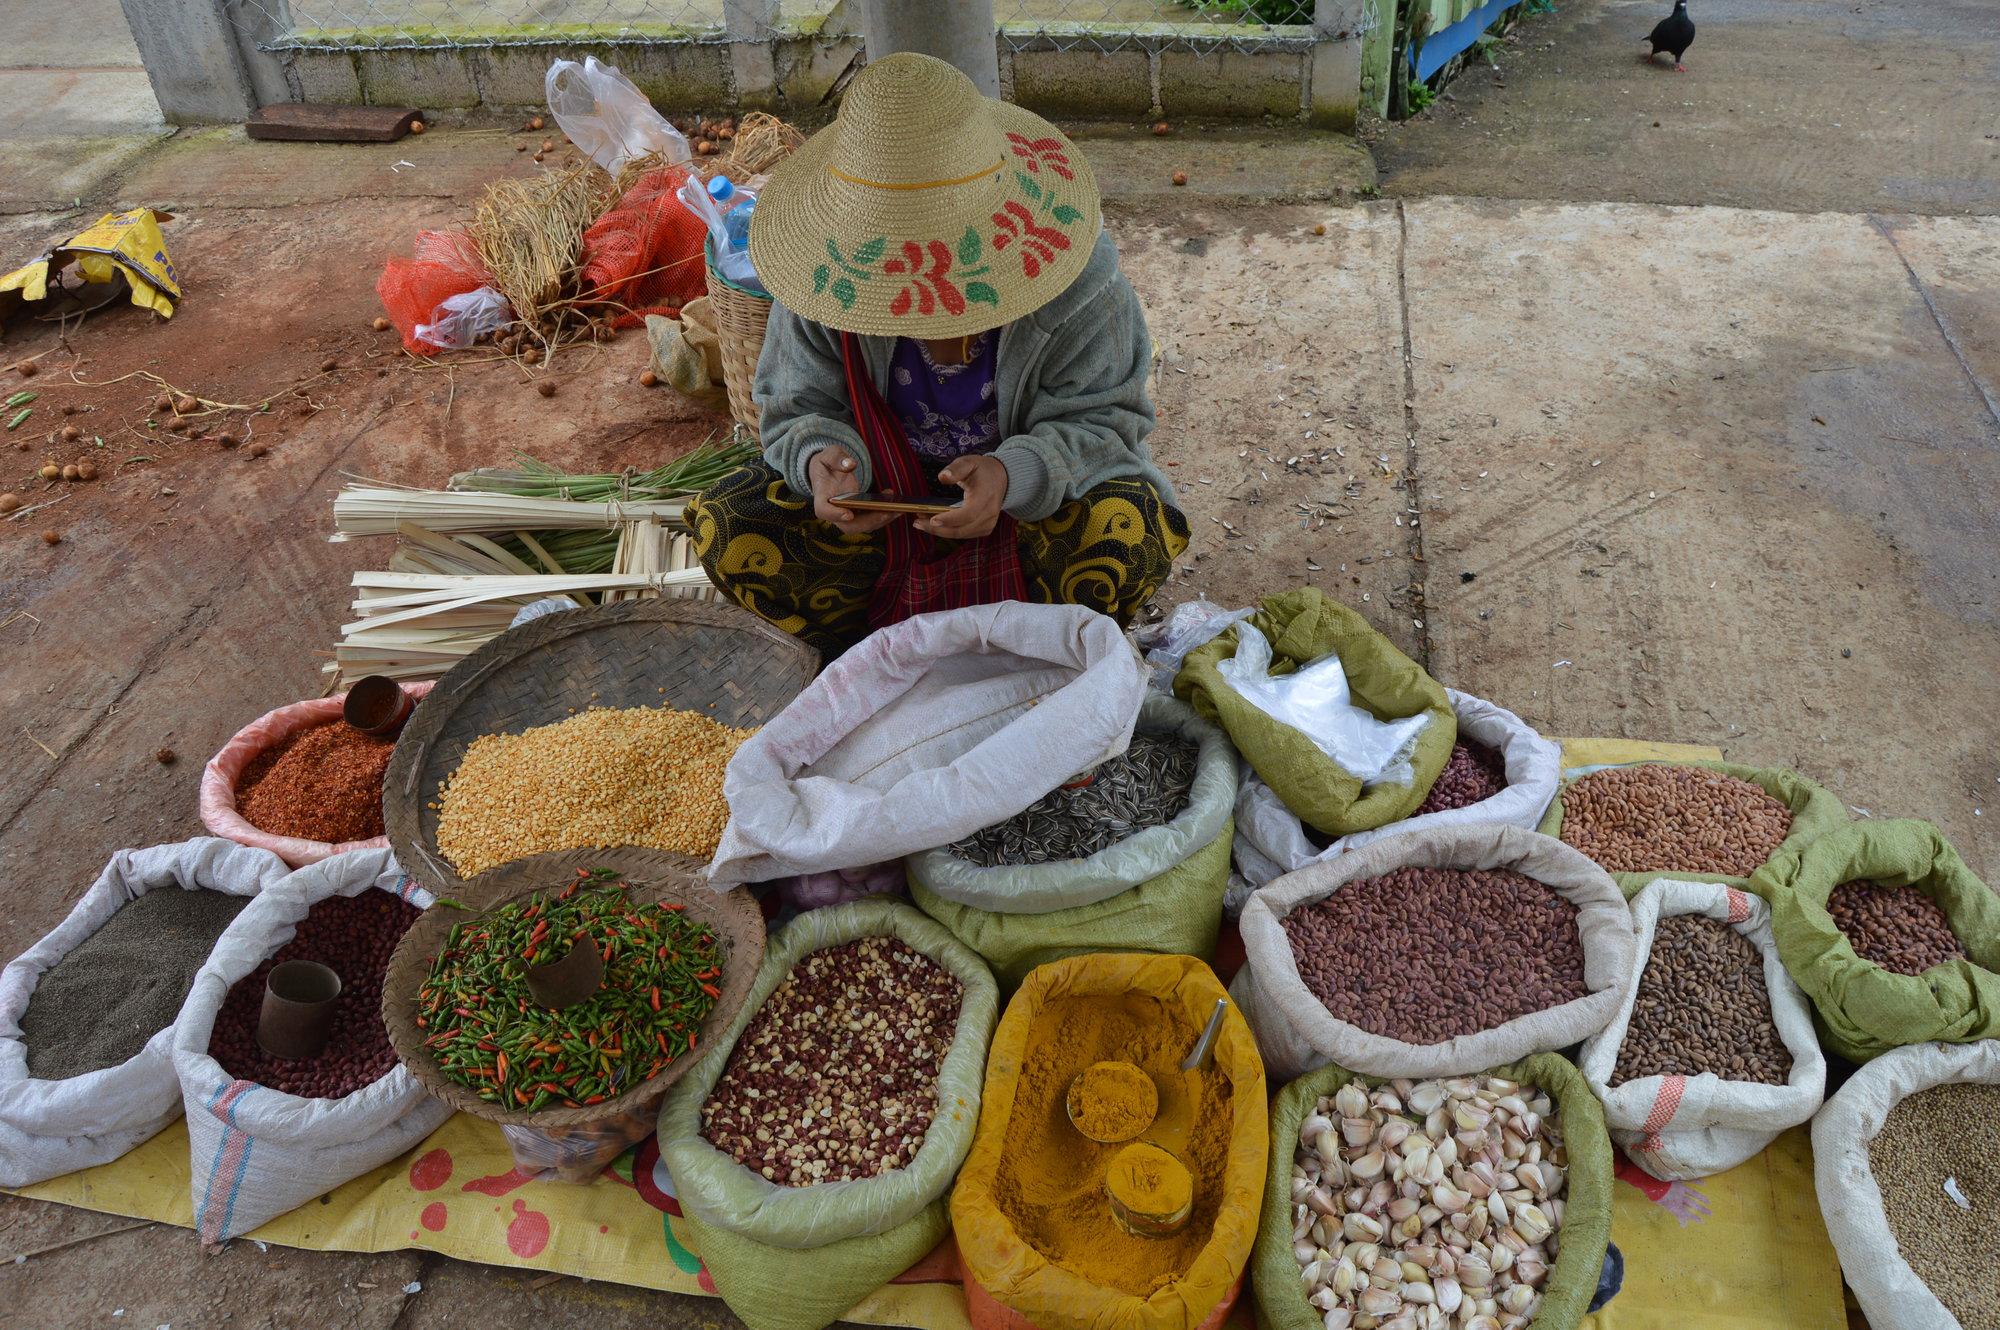 традиционный субботний рынок в Калау